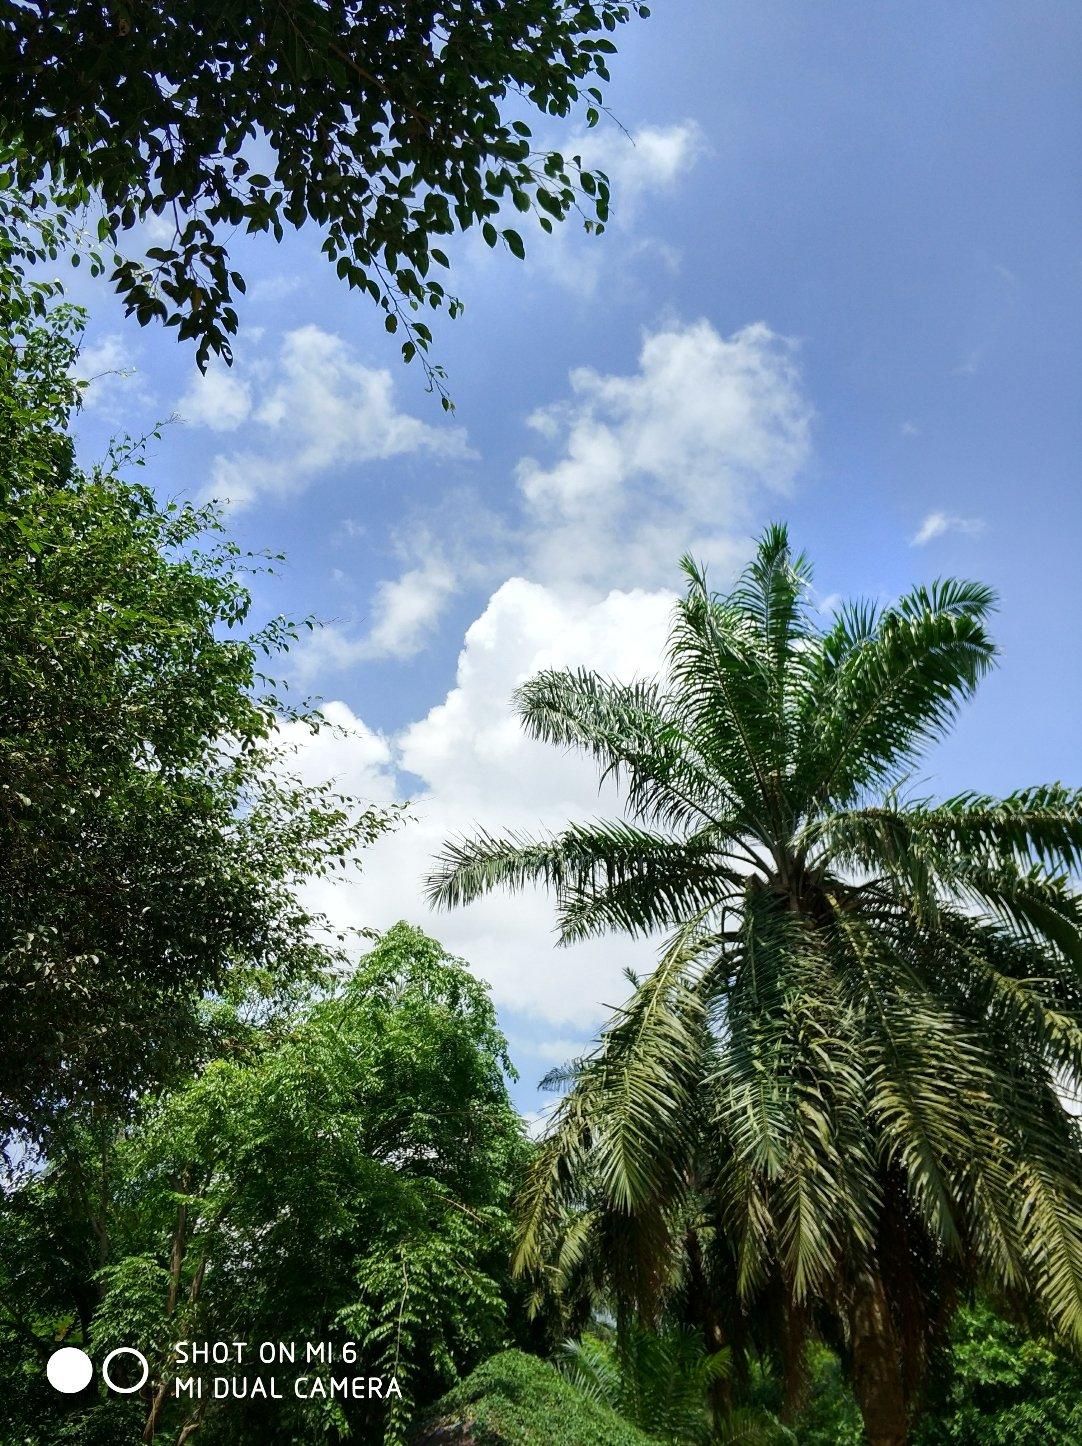 海南省海口市秀英区东山镇海南热带野生动植物园天气预报